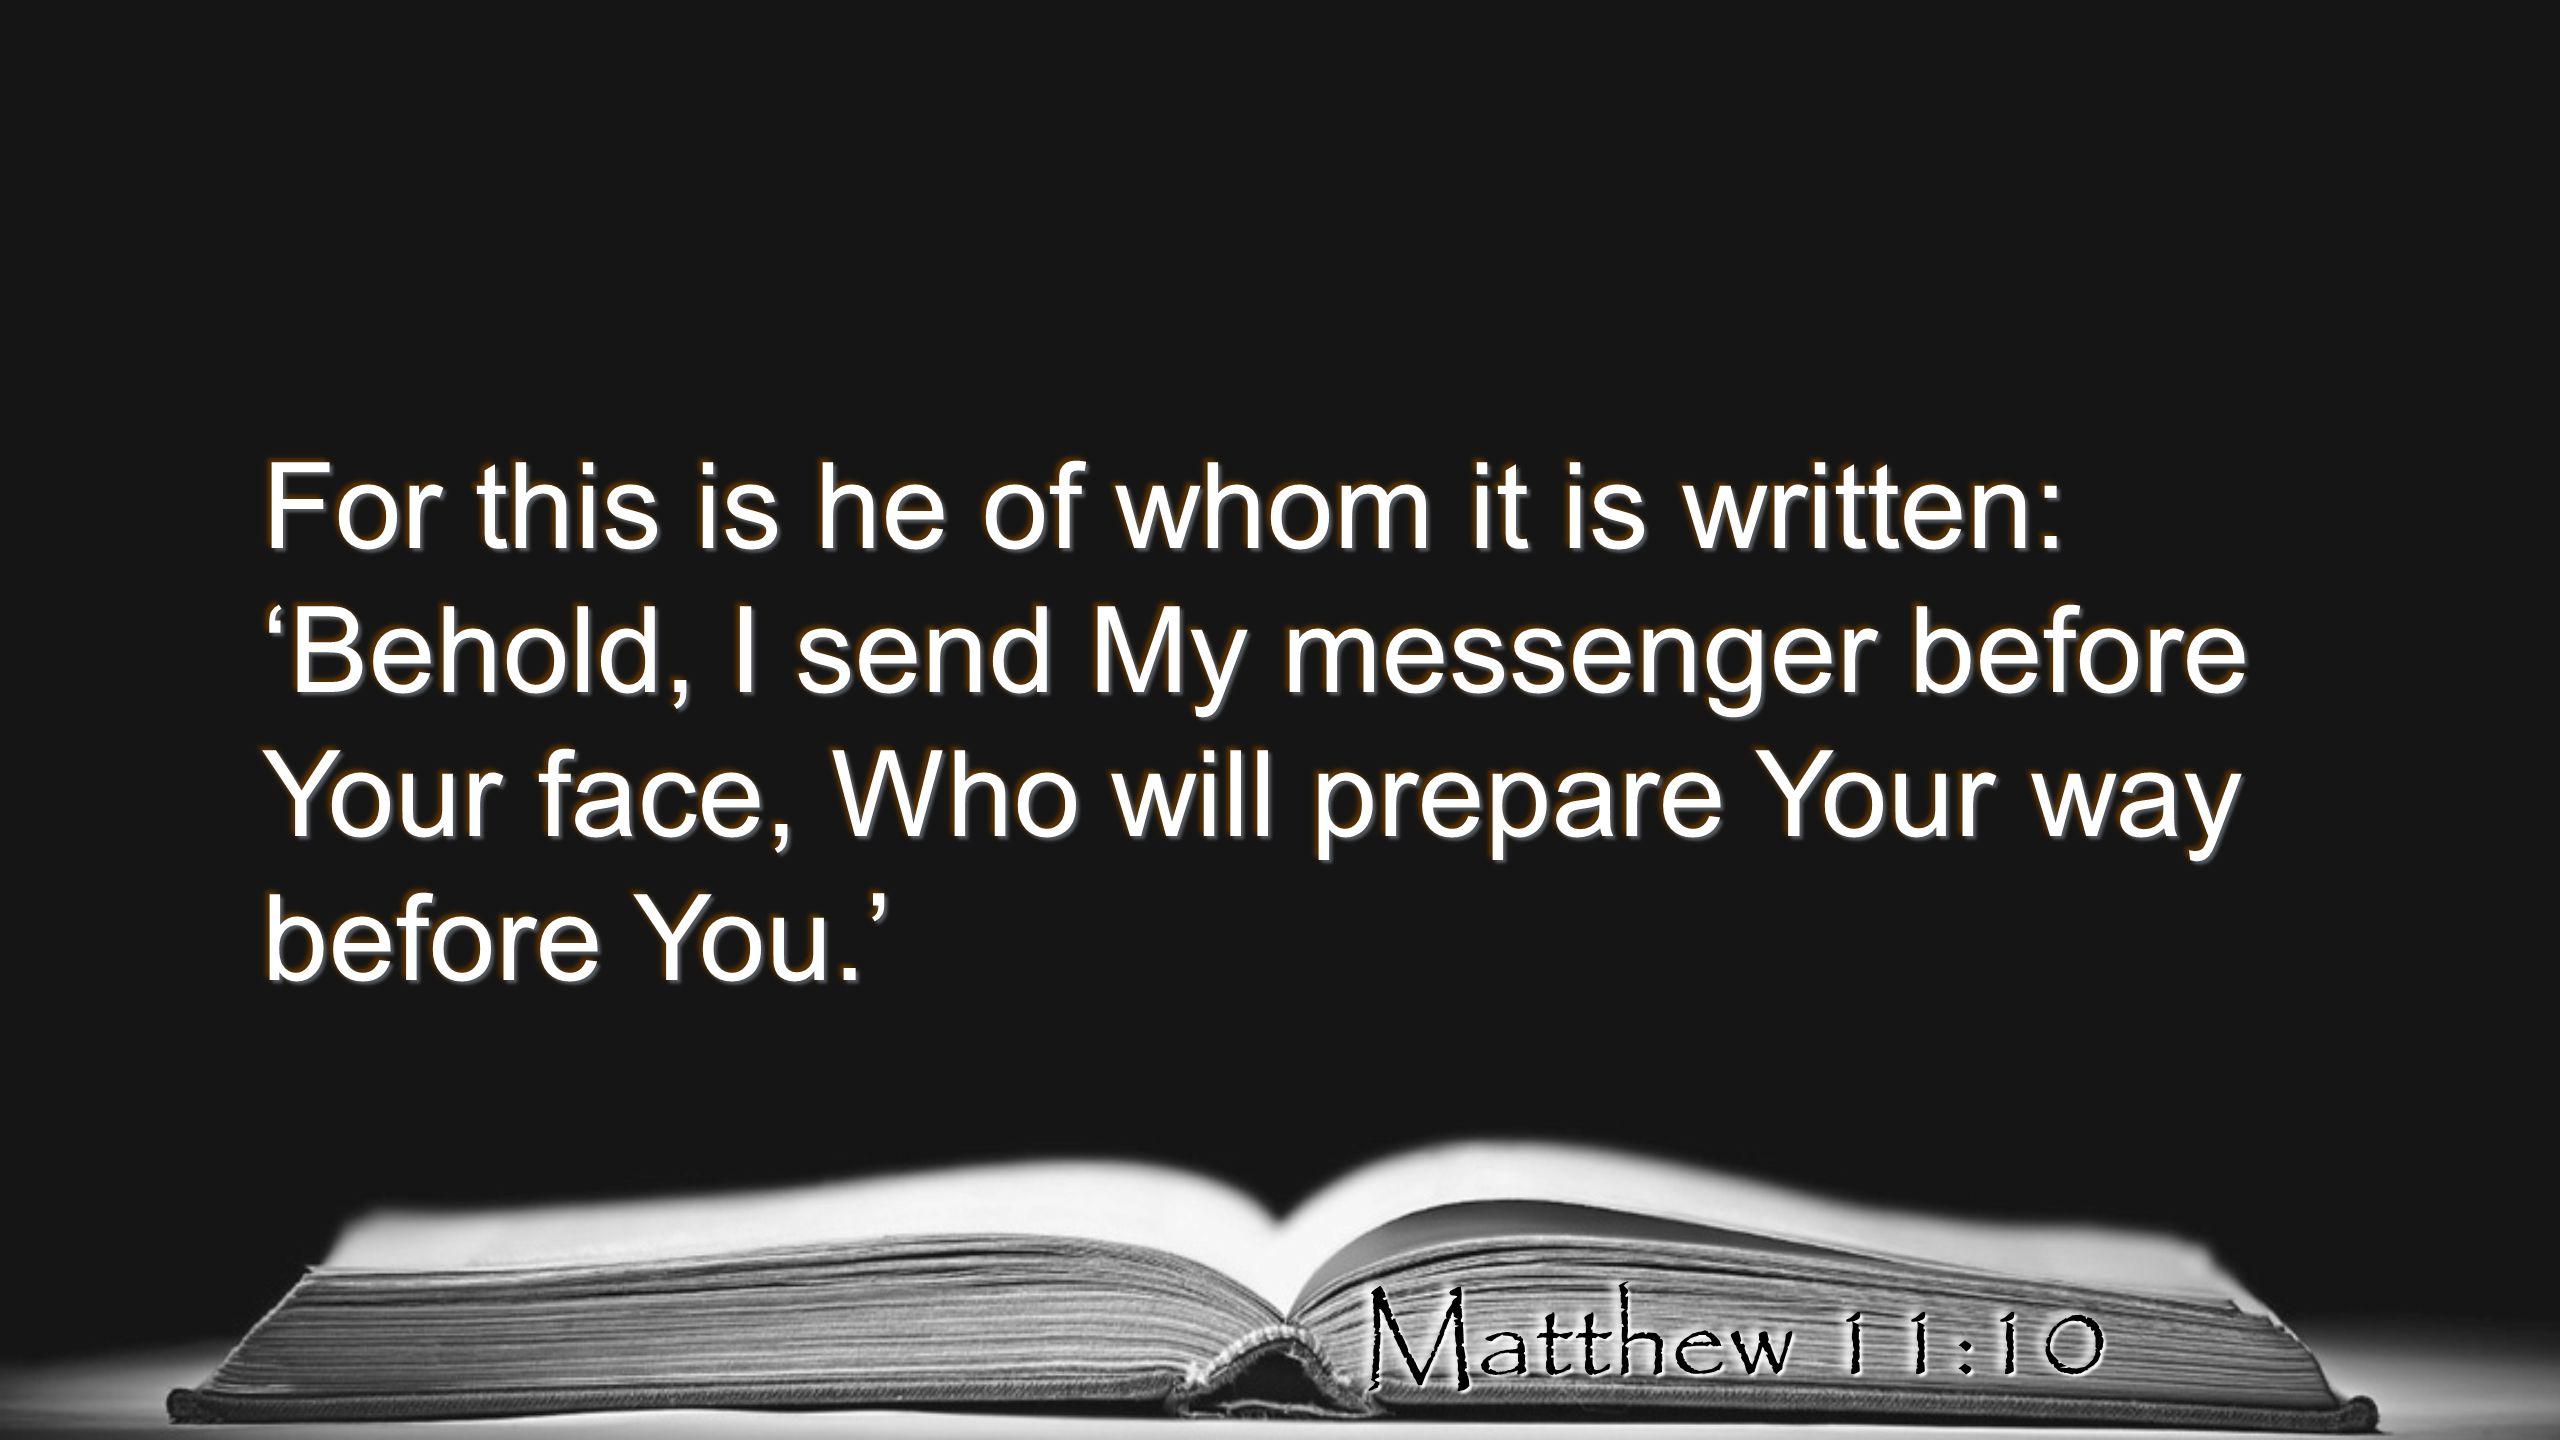 Bildresultat för Matthew 11:10